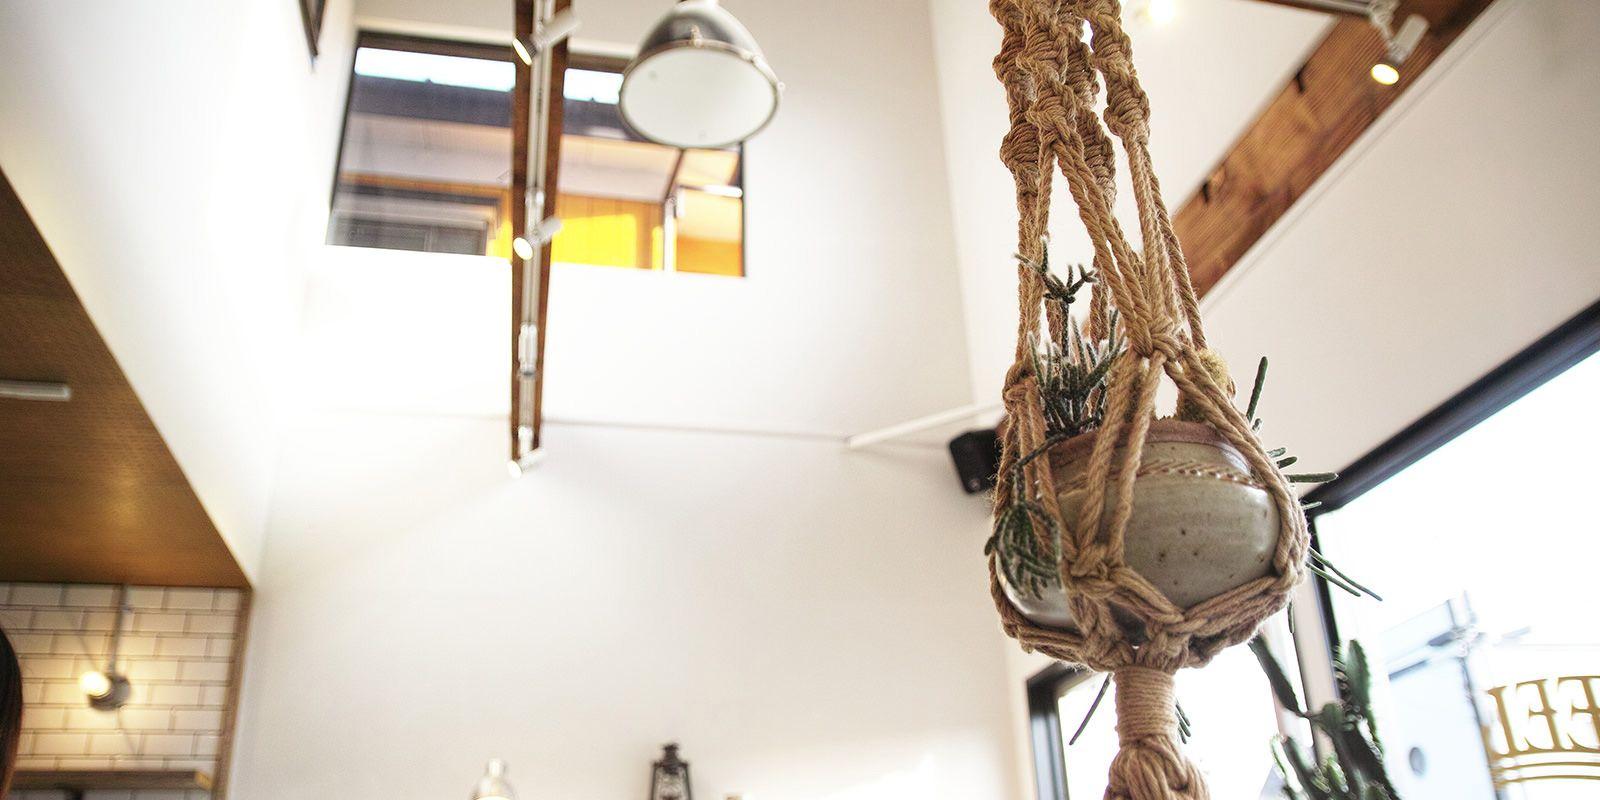 多肉植物 x 渡邉由紀さんの鉢商品一覧 | 多肉植物とサボテン販売 solxsol